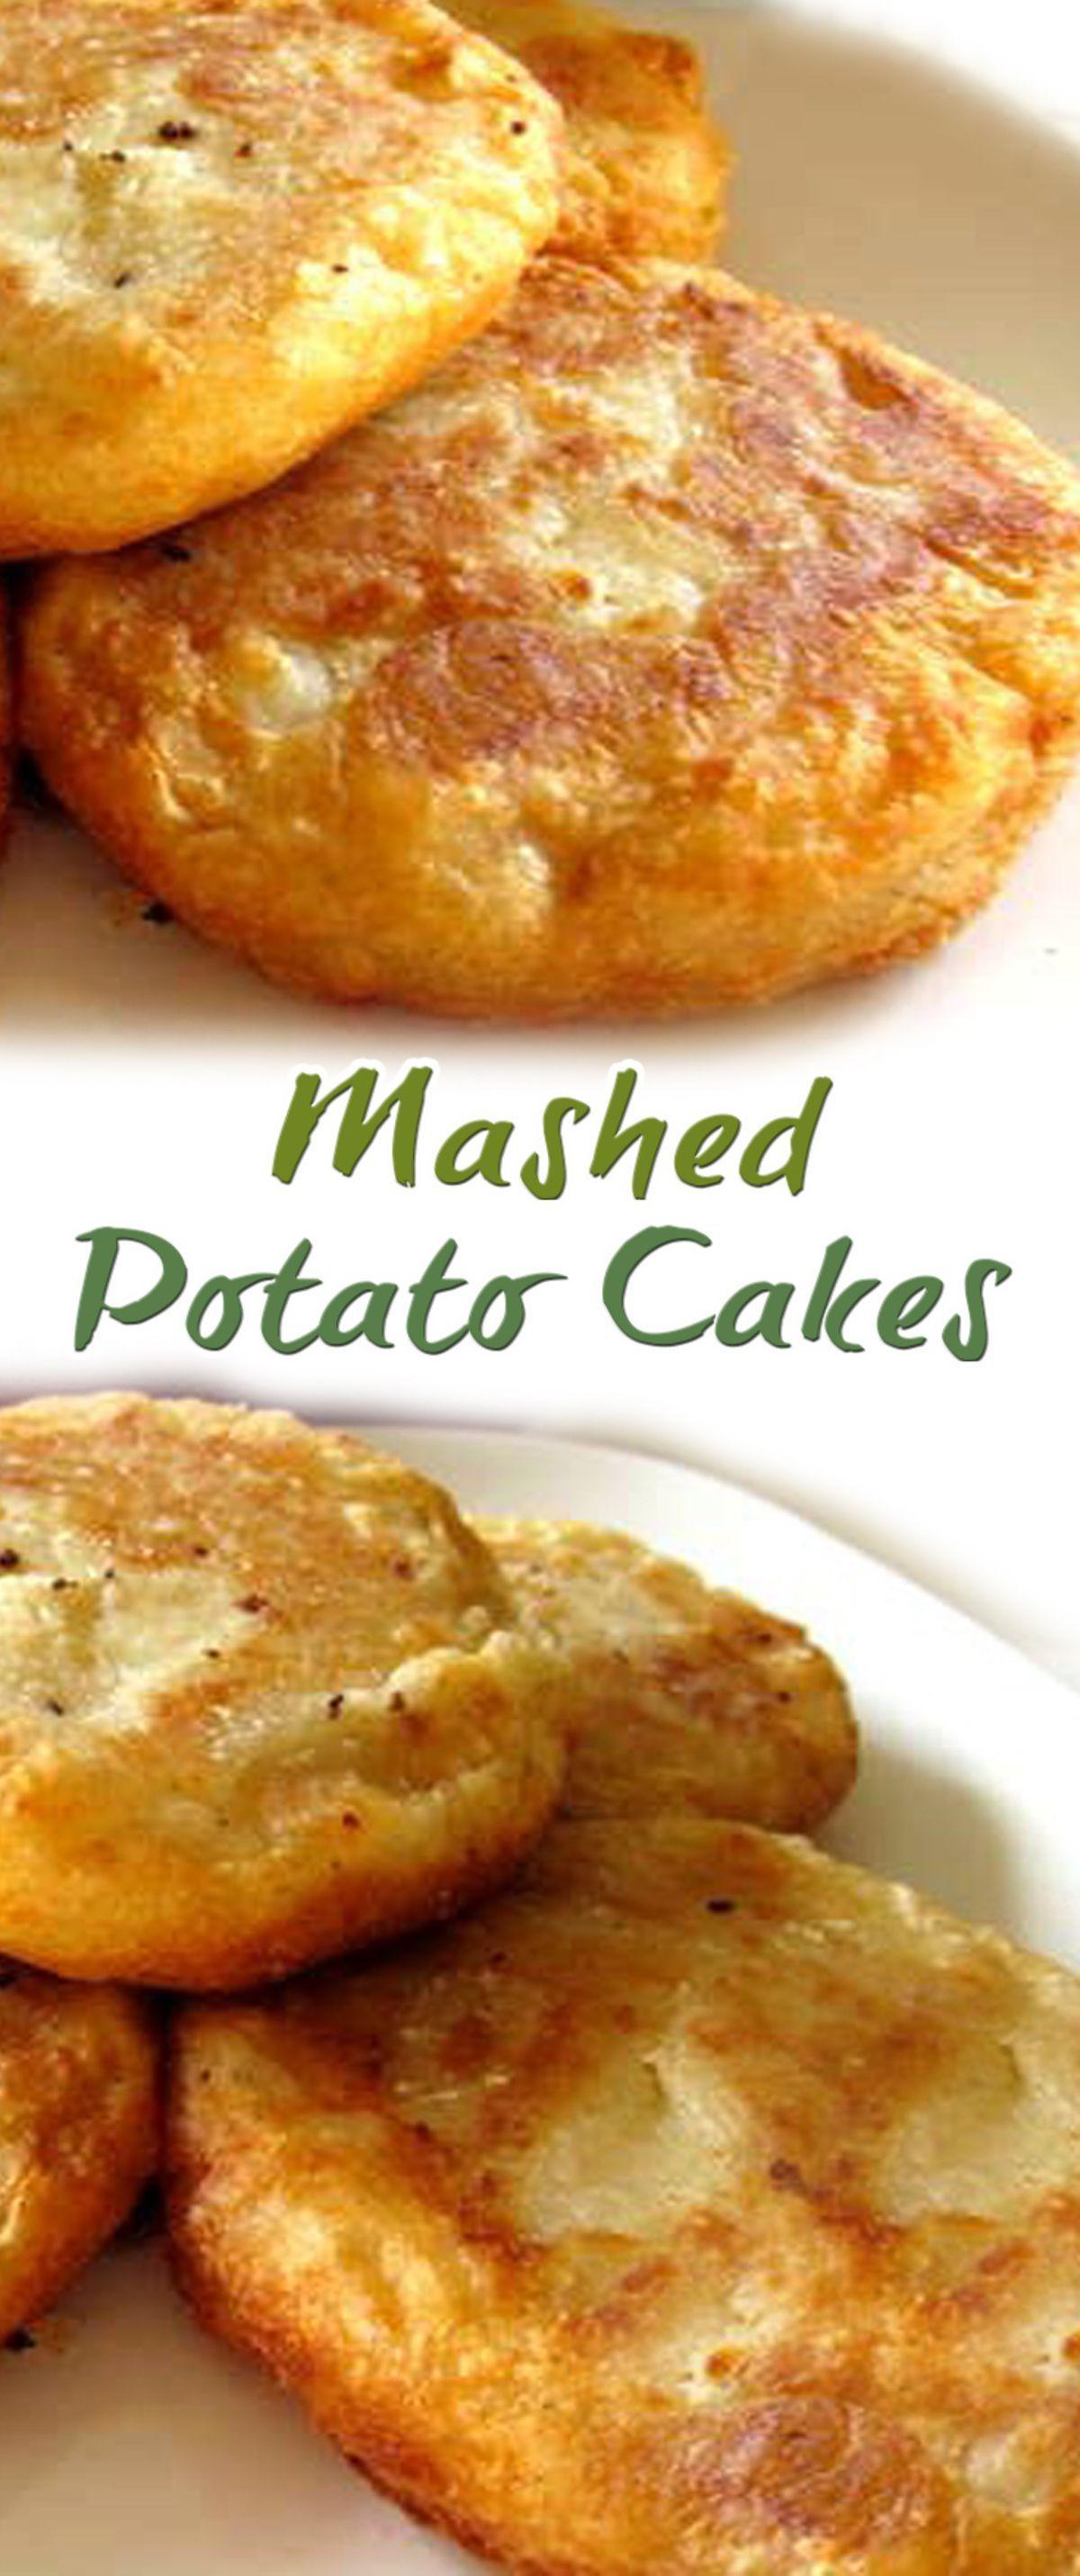 Mashed Potato Cakes Recipe My Recipe Magic Potato Recipe Side Easy Cheap Potato Cakes Recipe Recipes Mashed Potato Cakes